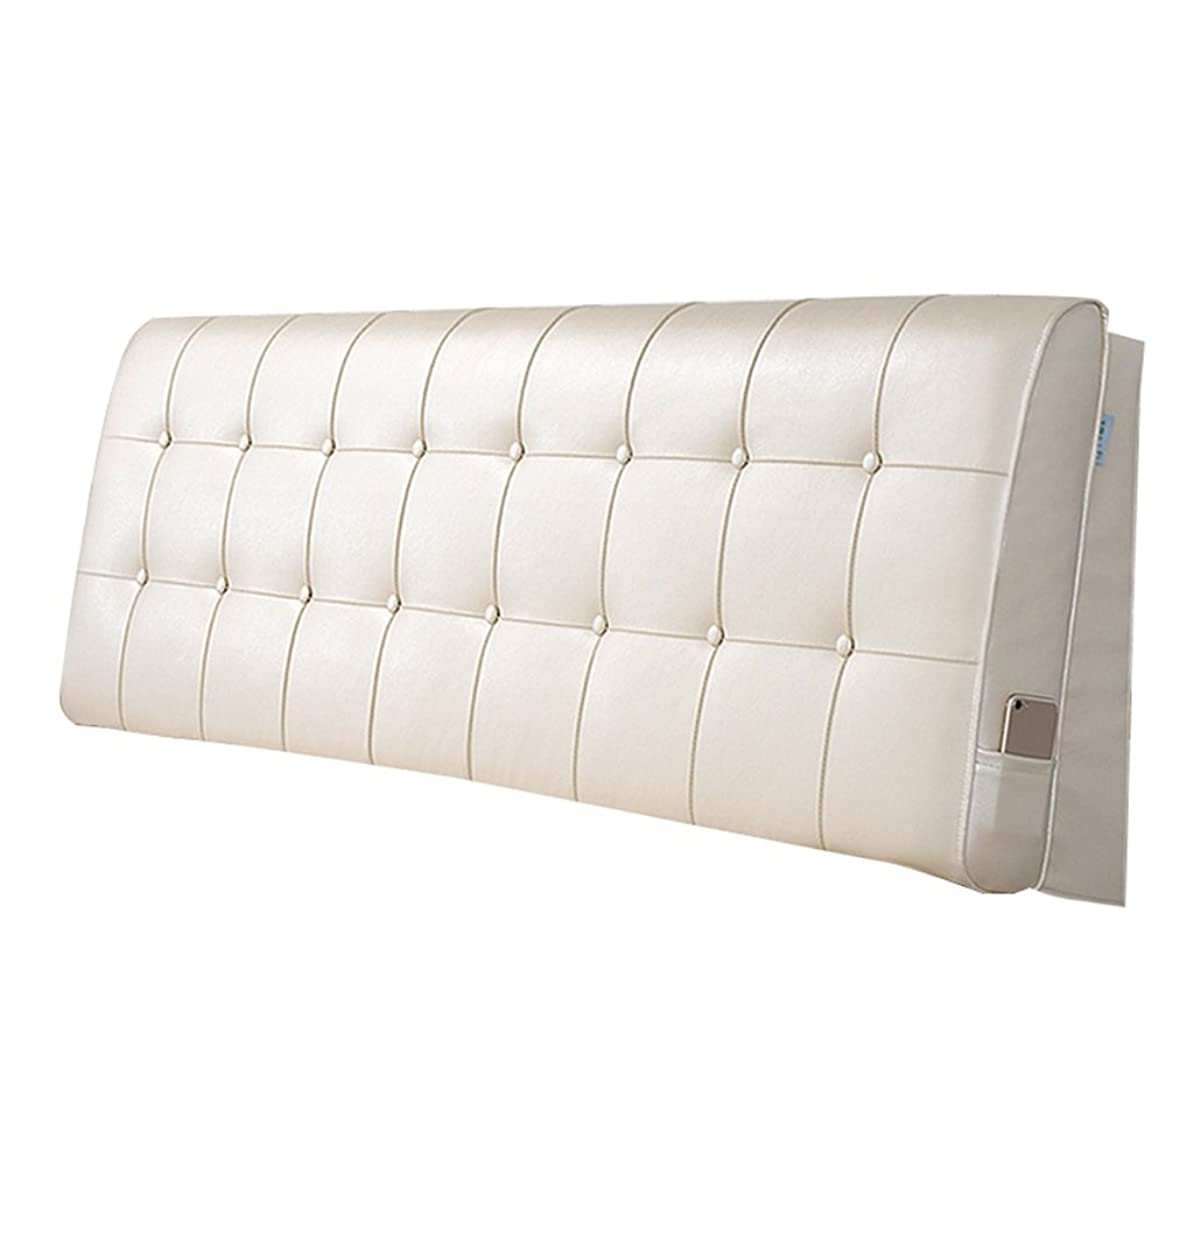 平日まだら修正抱き枕 ヘッドボードトライアングルピローバッククッションベッド用の大きな背もたれベッドサイドソファソフトケースピローシングルダブルキングベッドウェッジピローランバークッション(ベージュレザー) (色 : Bed without headboard, サイズ さいず : 200×60cm)